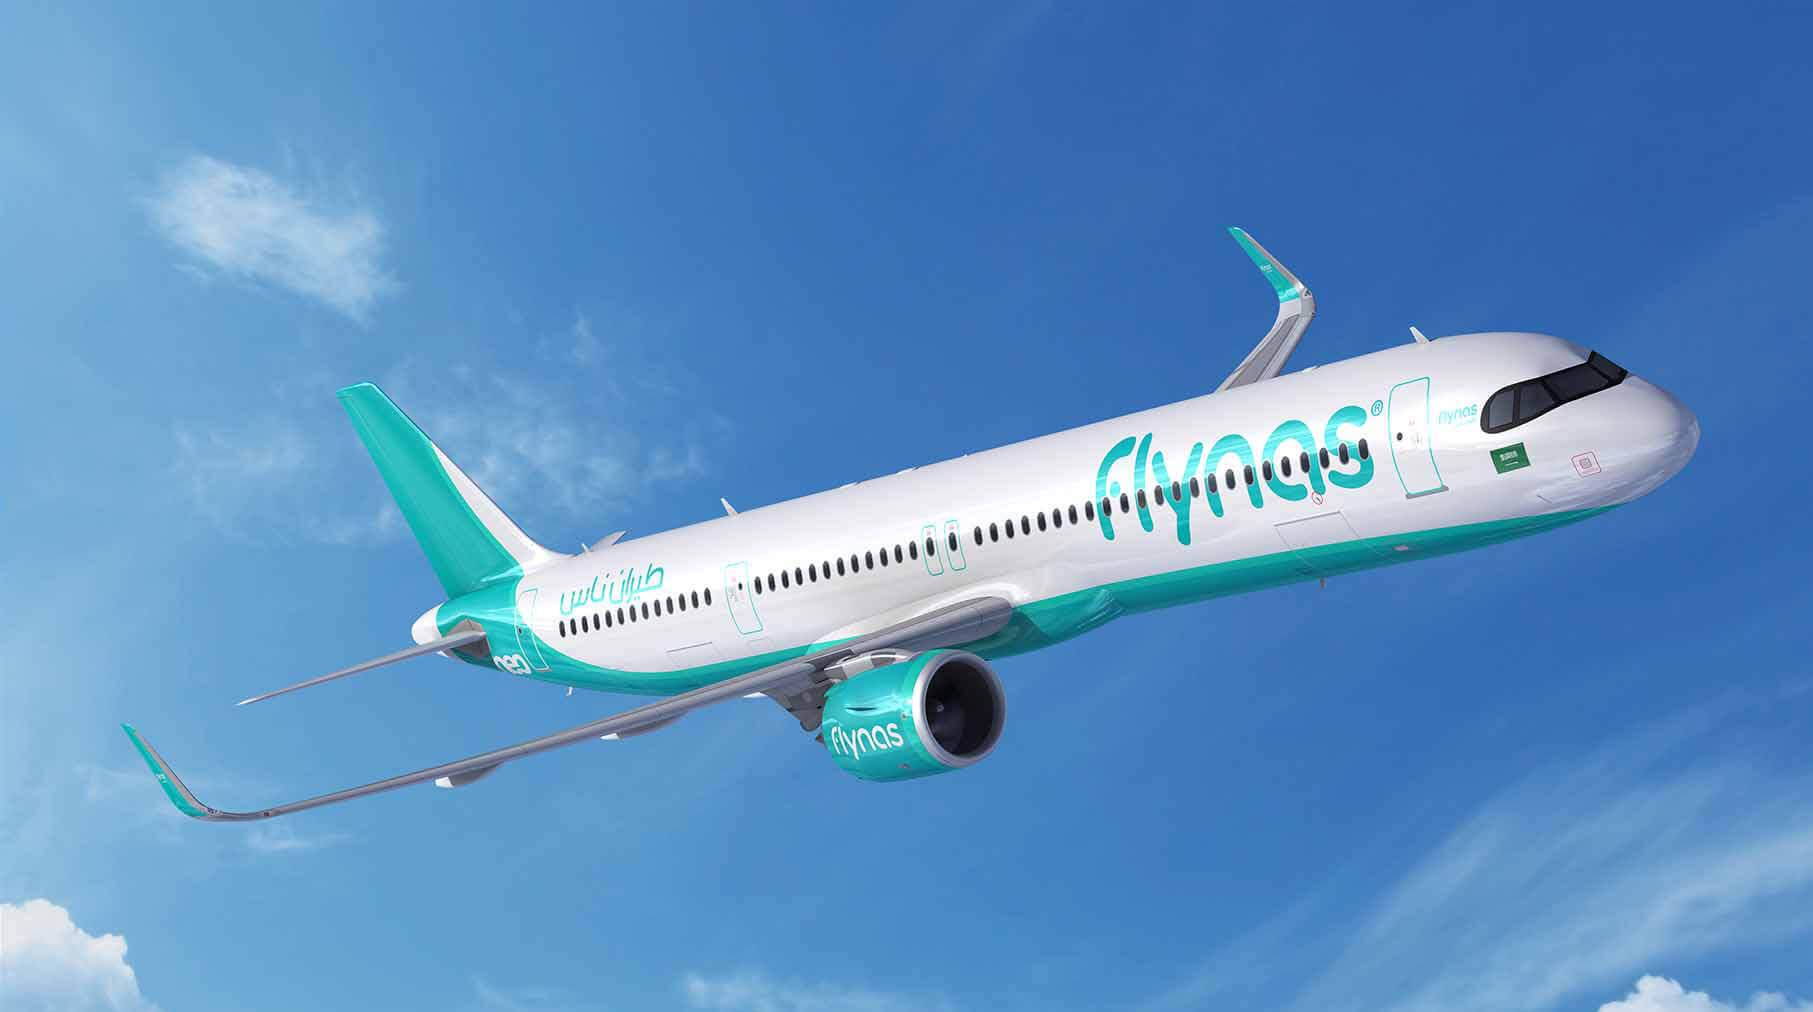 Resultado de imagen para Airbus a321xlr NAS air